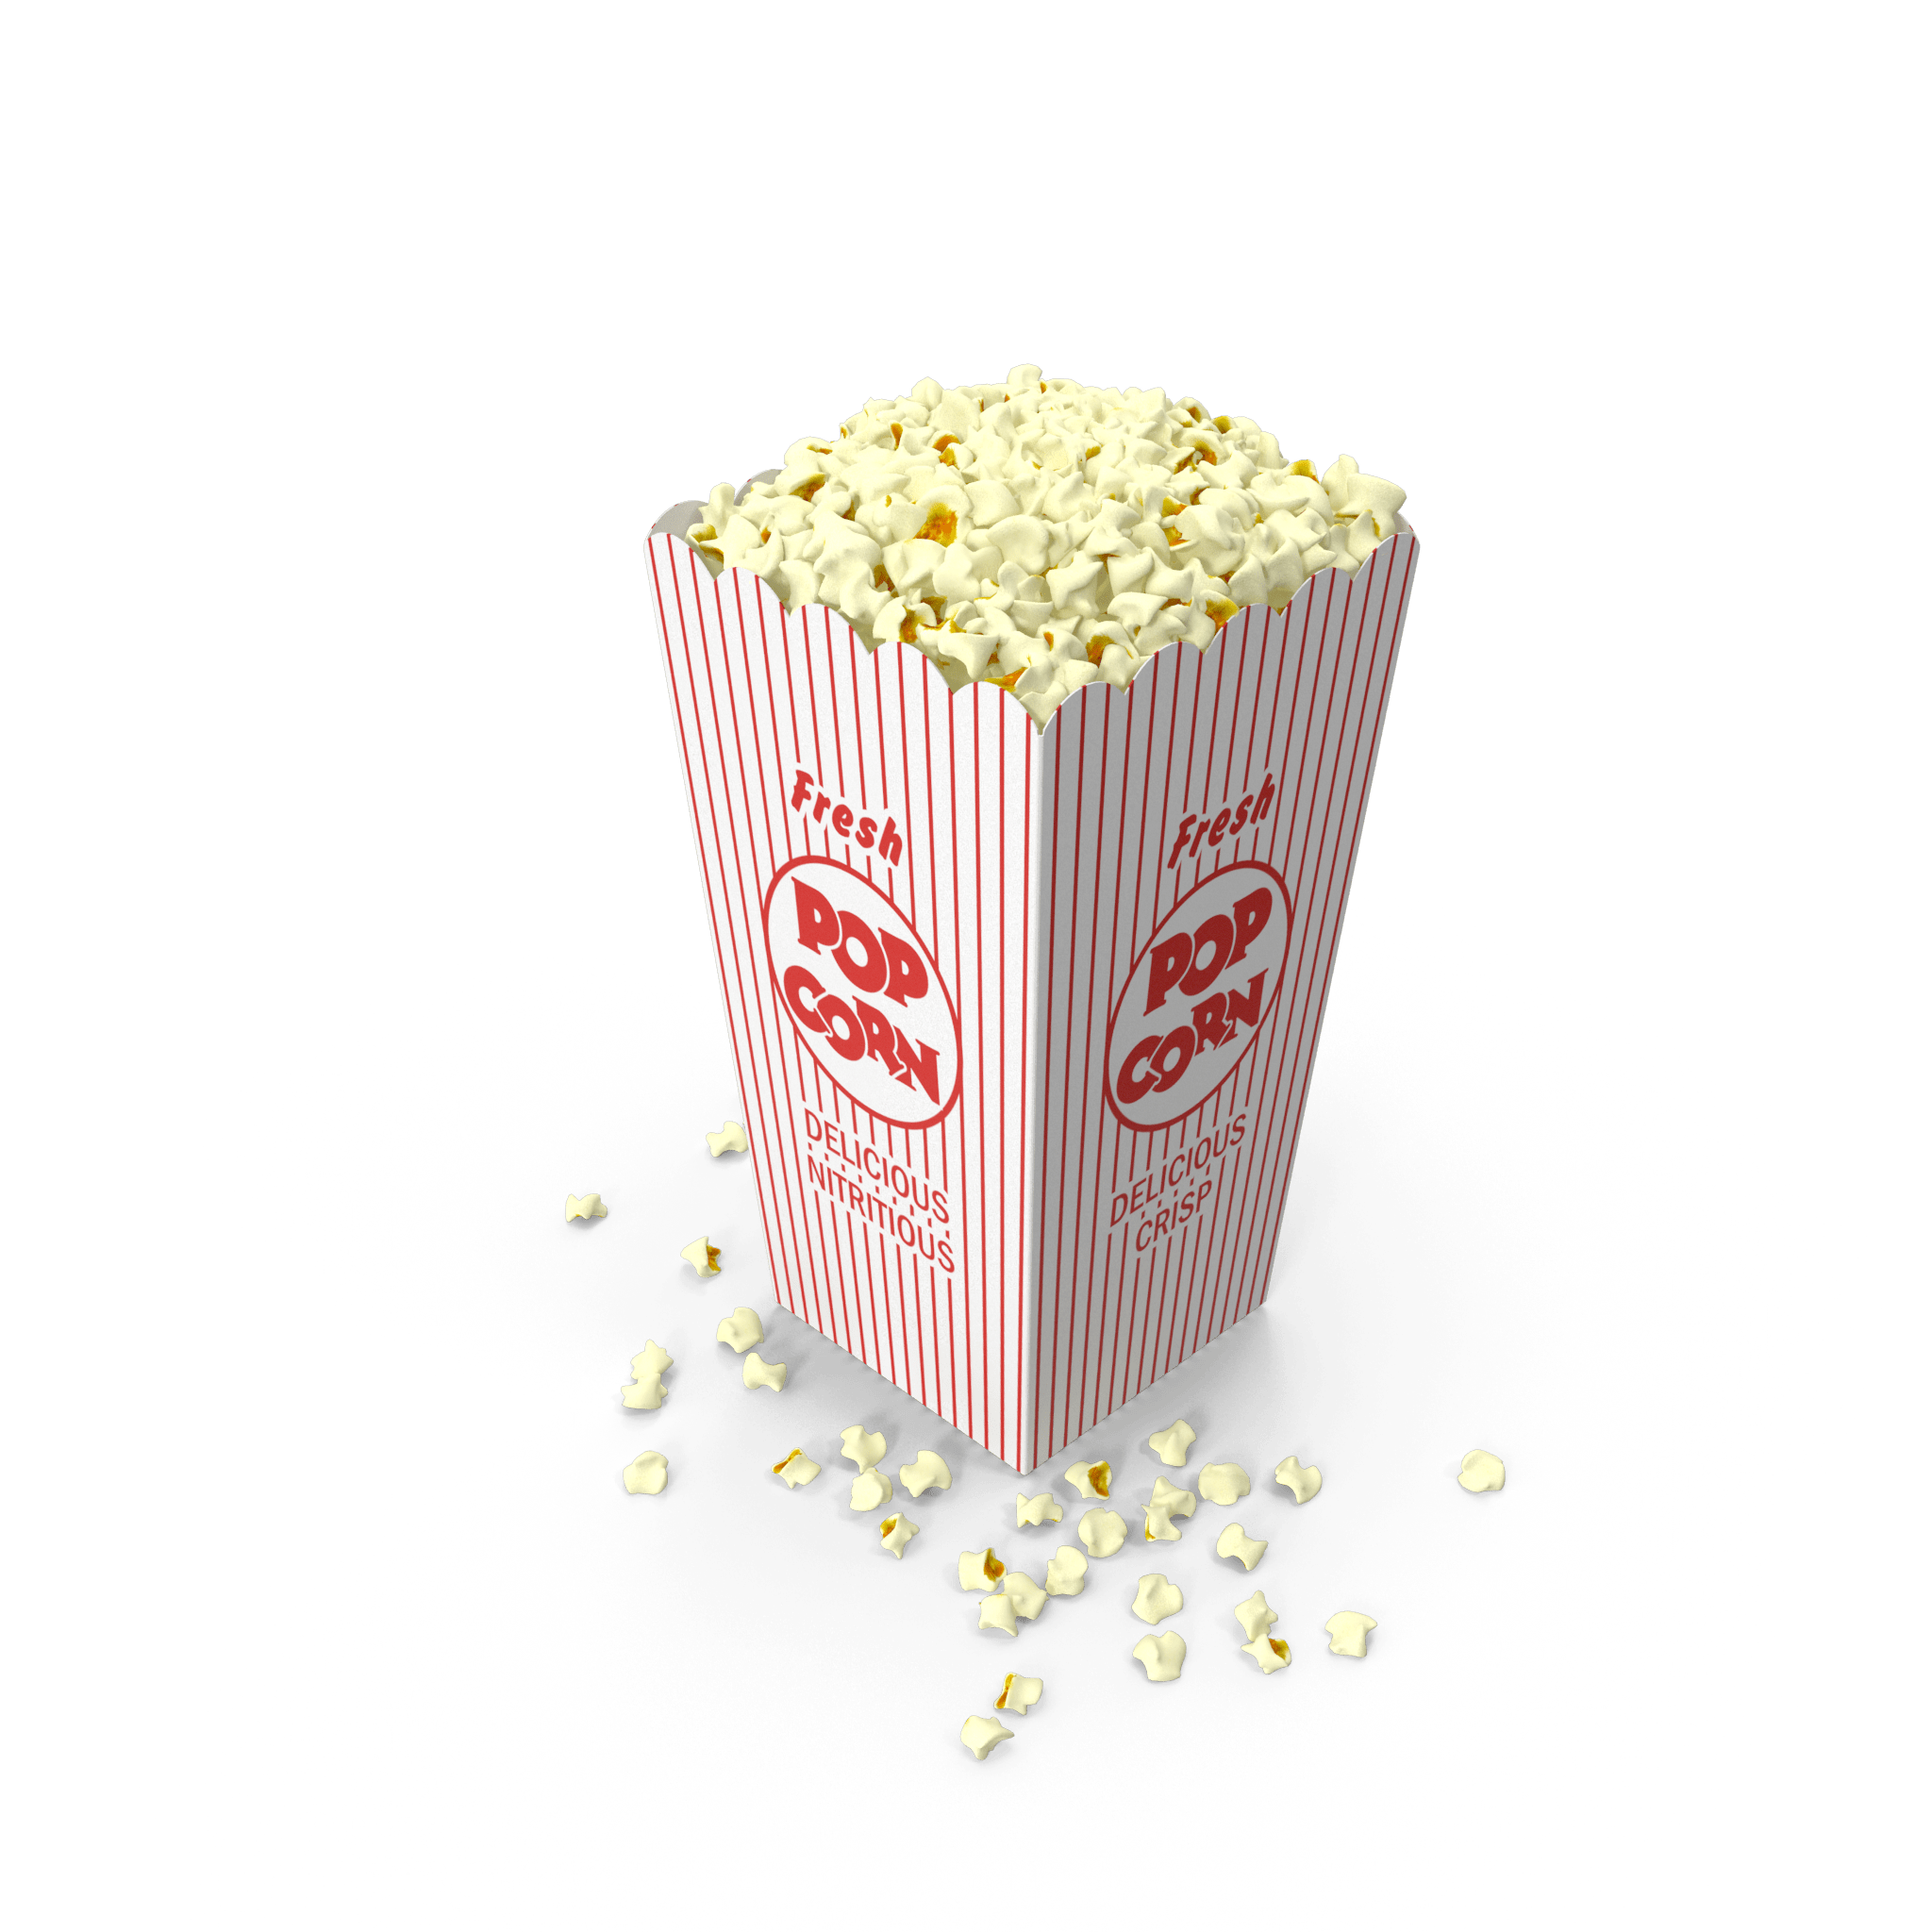 Lo que aprendí sobre finanzas viendo películas